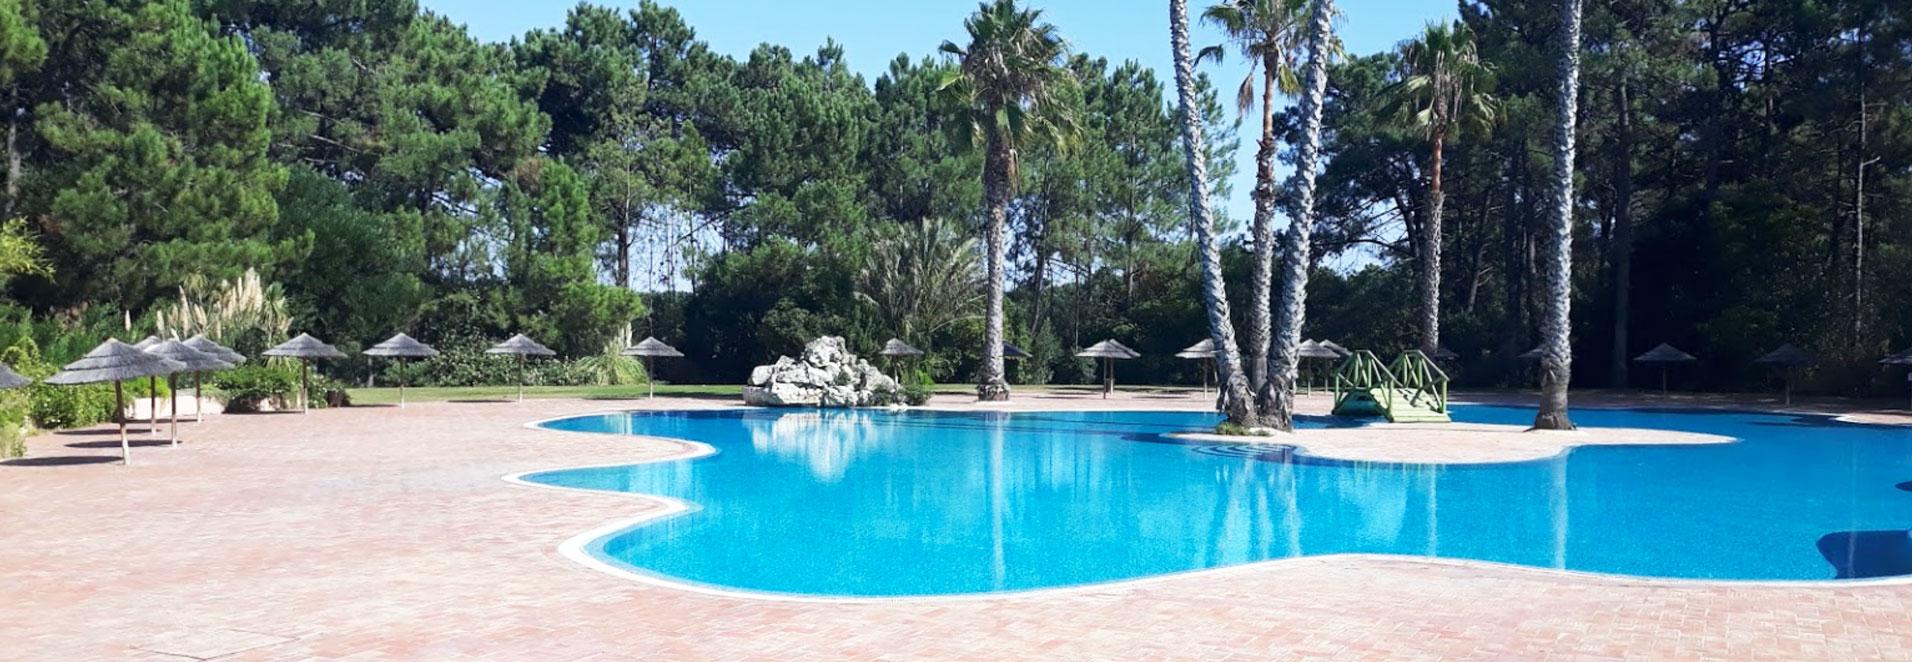 Aroeira Pool